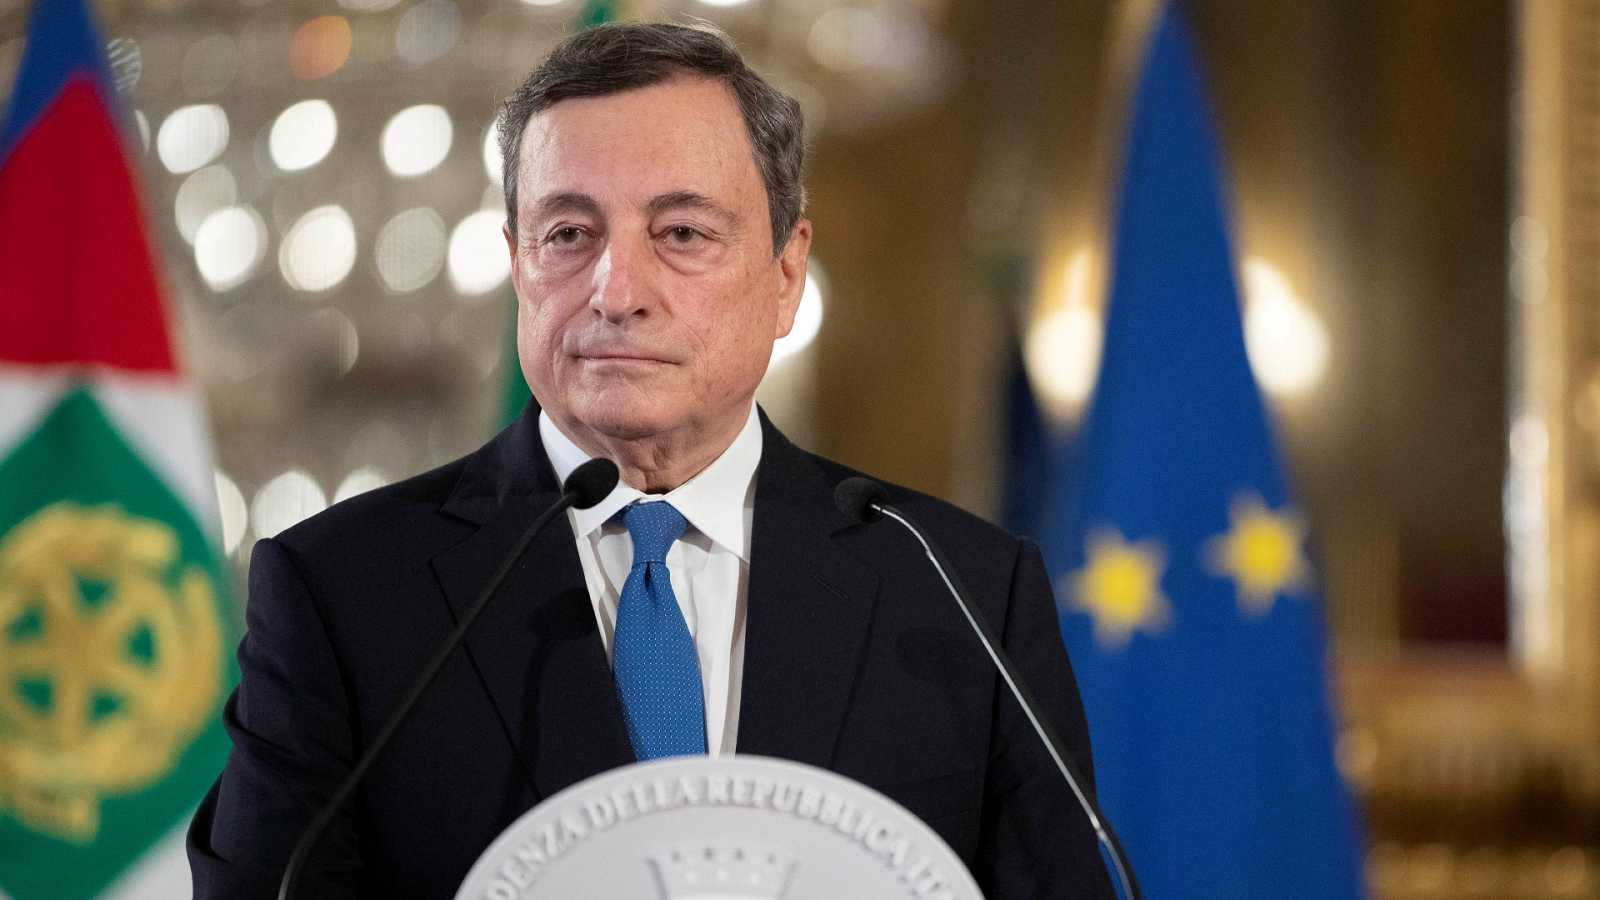 Draghi, más cerca de formar Gobierno en Italia tras el apoyo de Salvini y el M5S